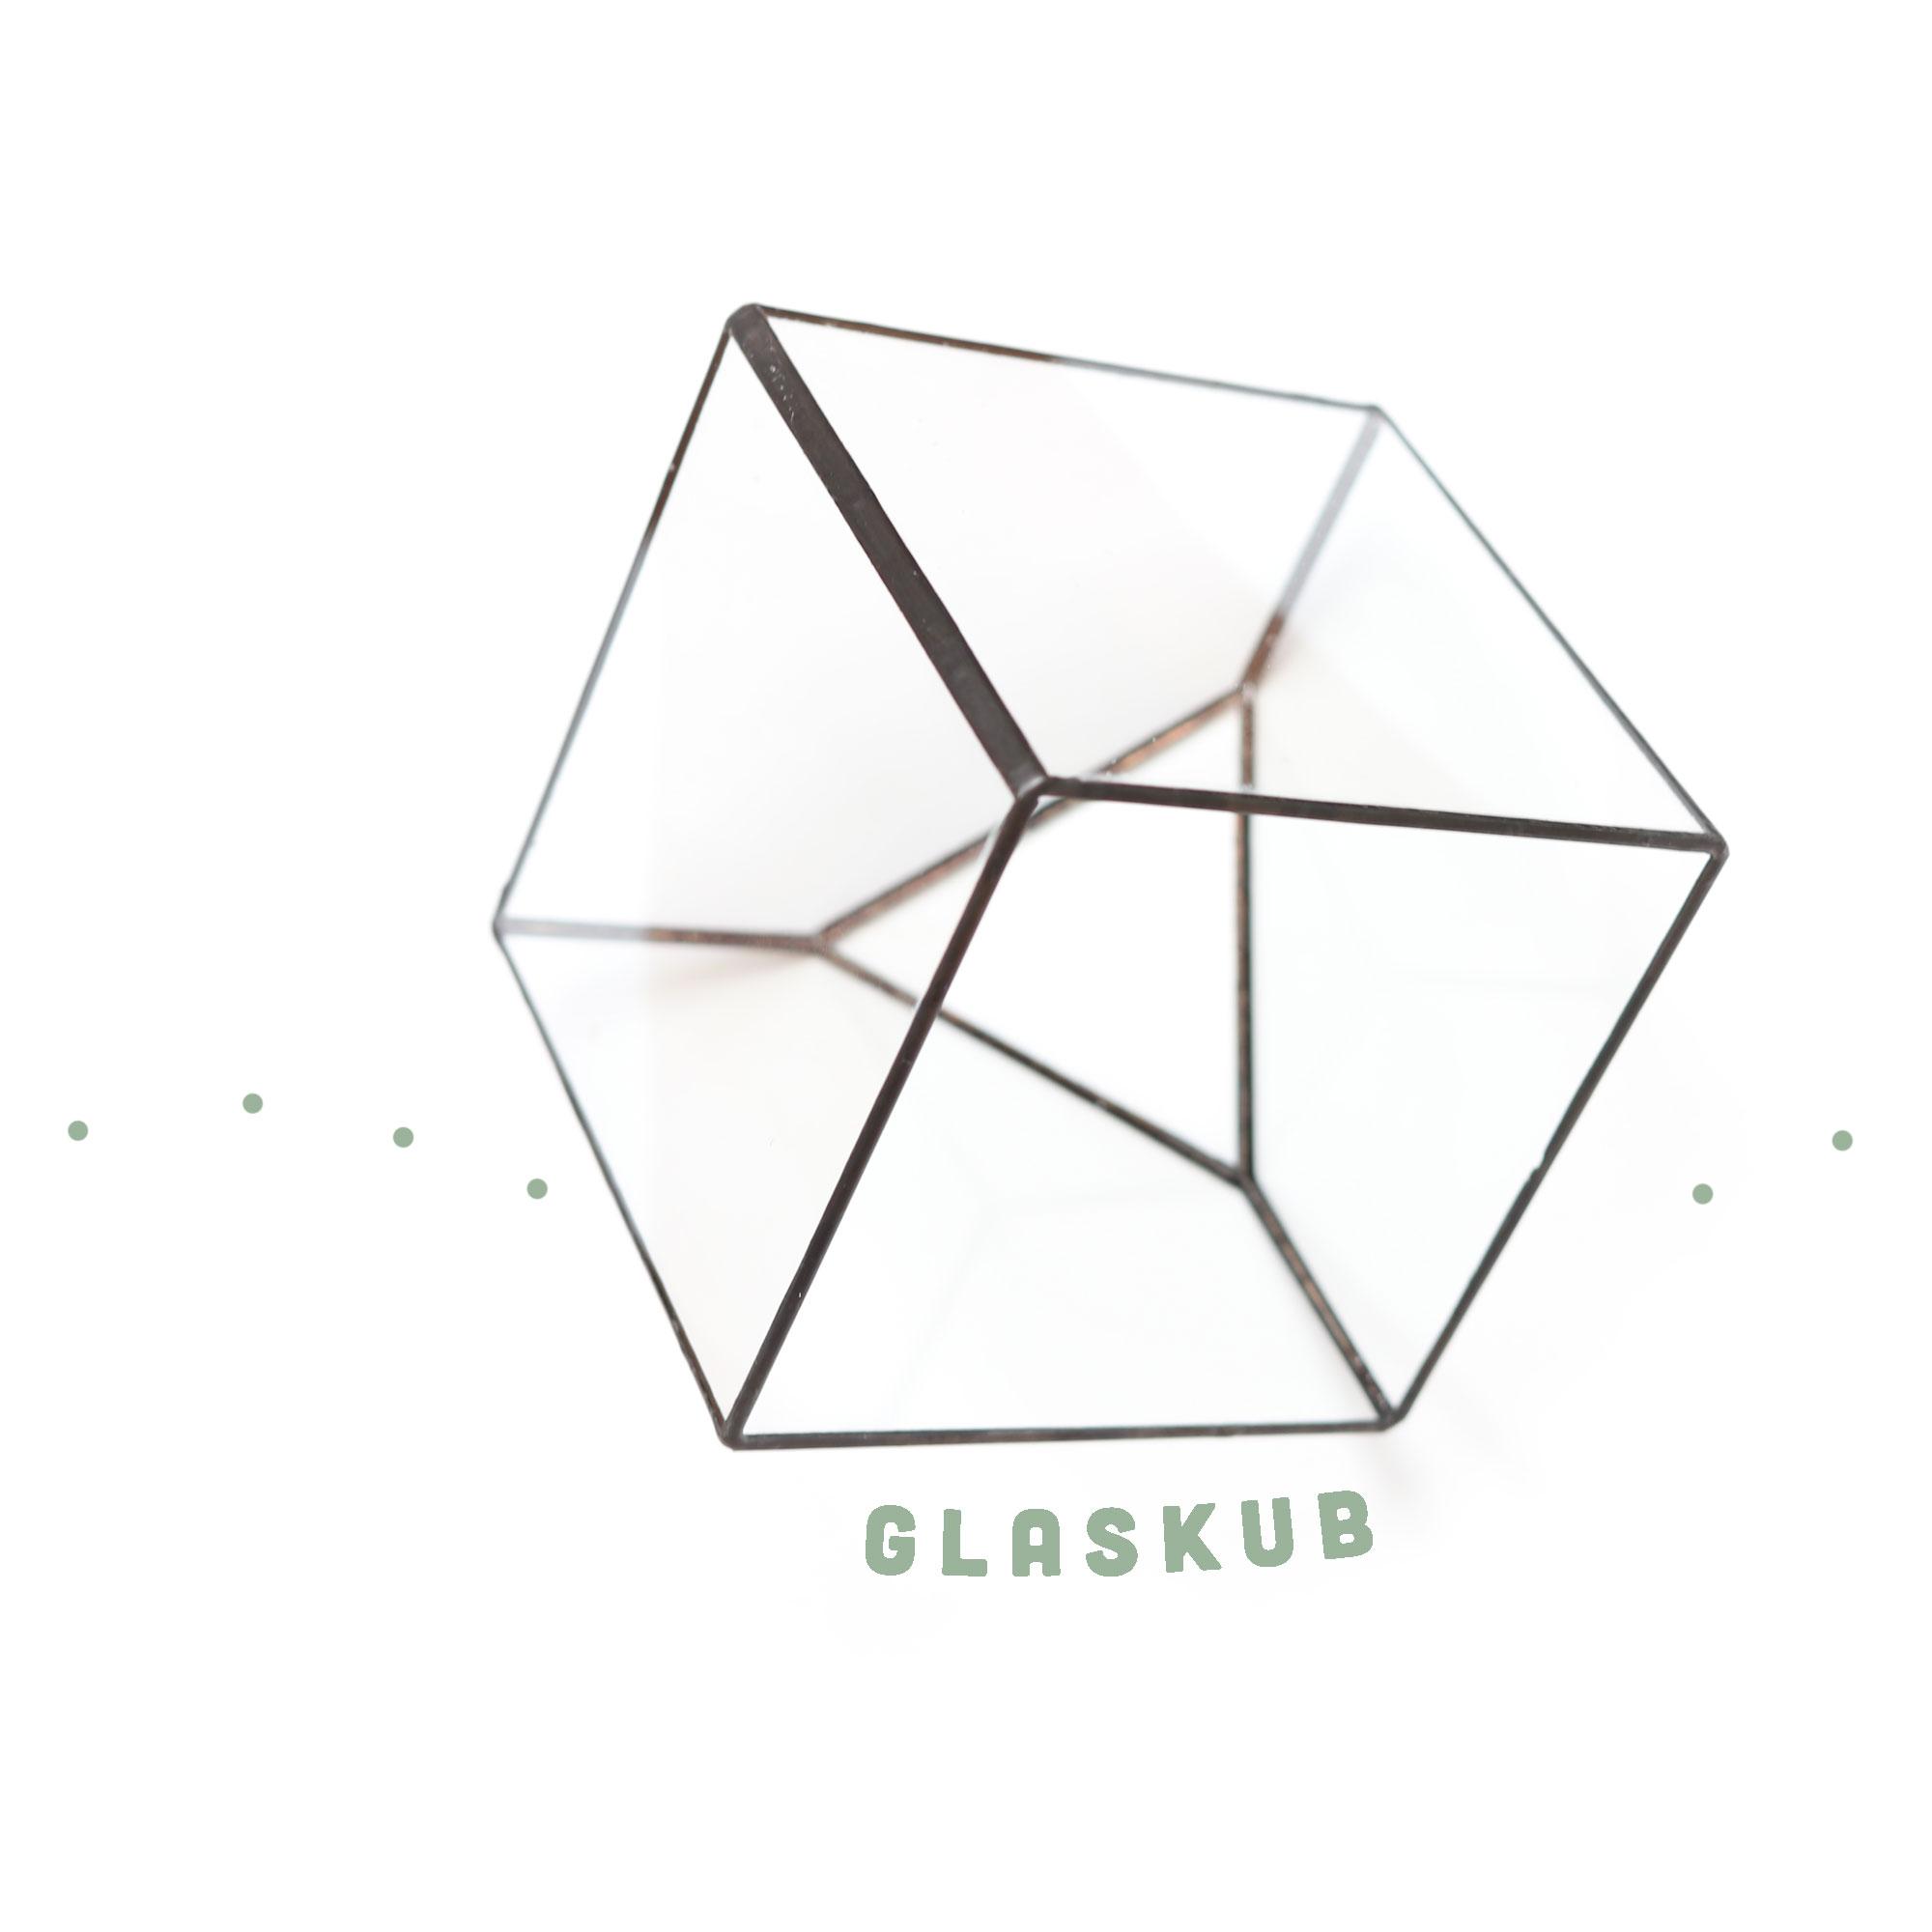 kub1.jpg